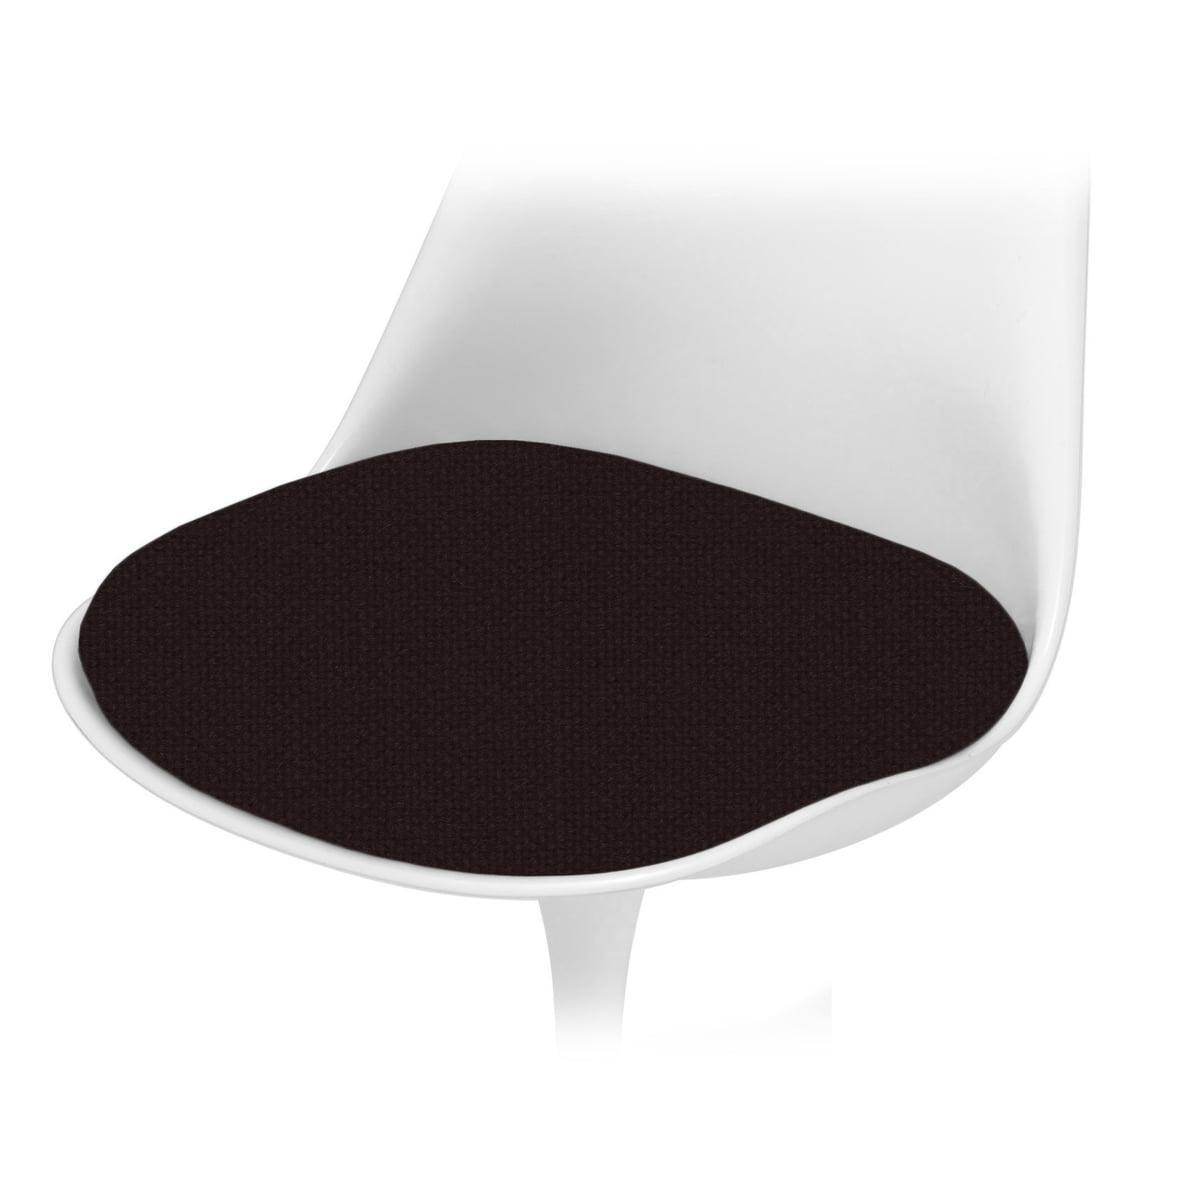 Saarinen Tulip Chair cushion for saarinen tulip chairknoll